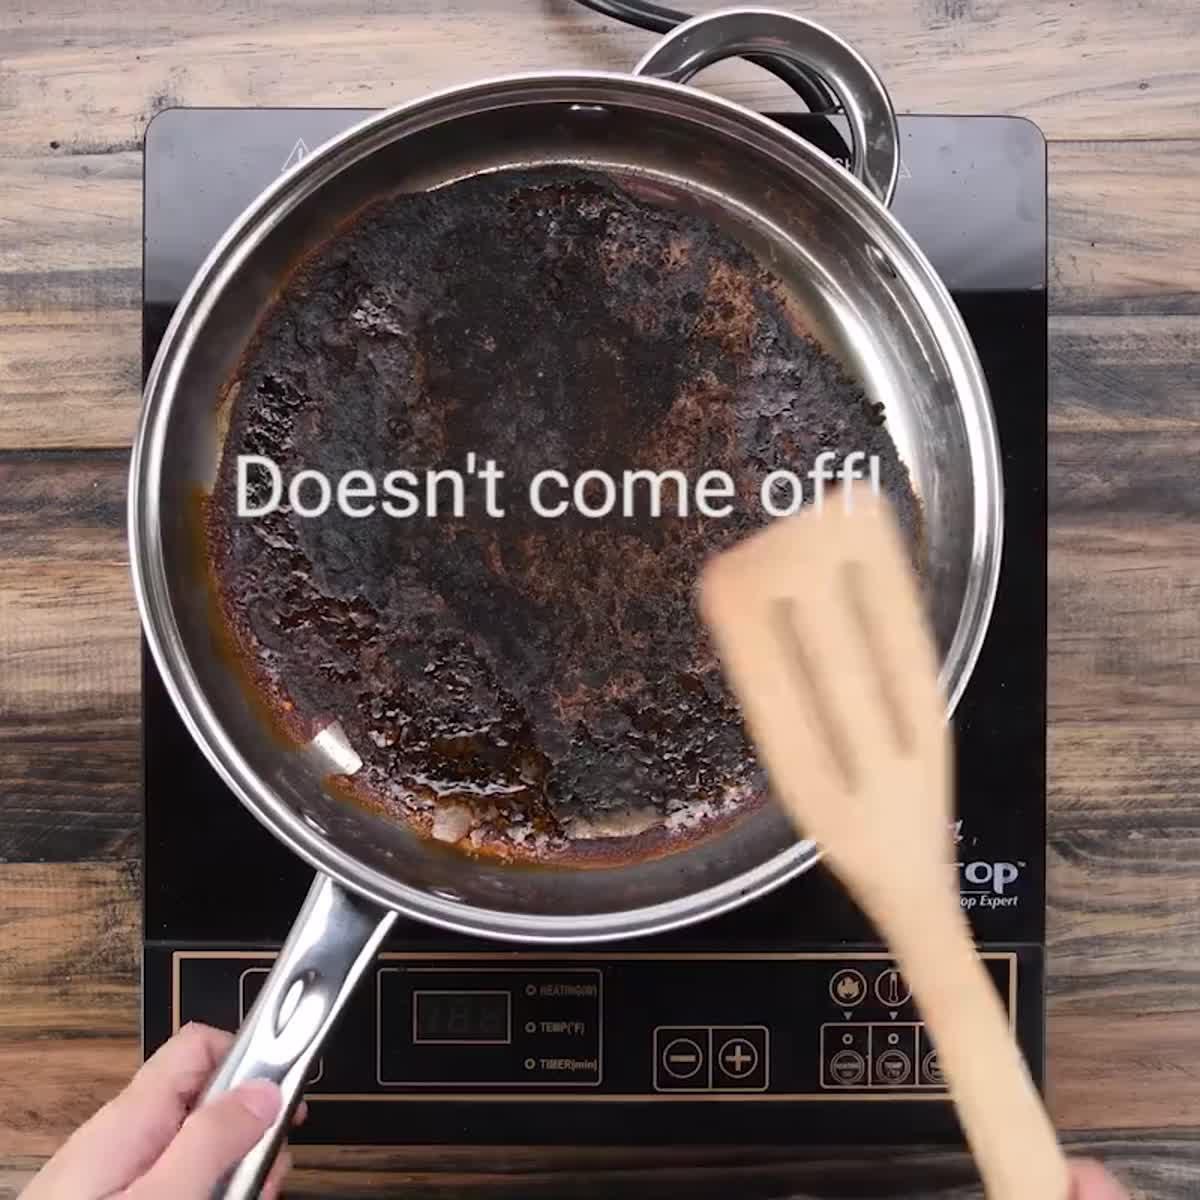 เคล็ดลับ ล้างกระทะไหม้ ไม่ต้องออกแรงขัด ง่ายจิ๊ดเดียว